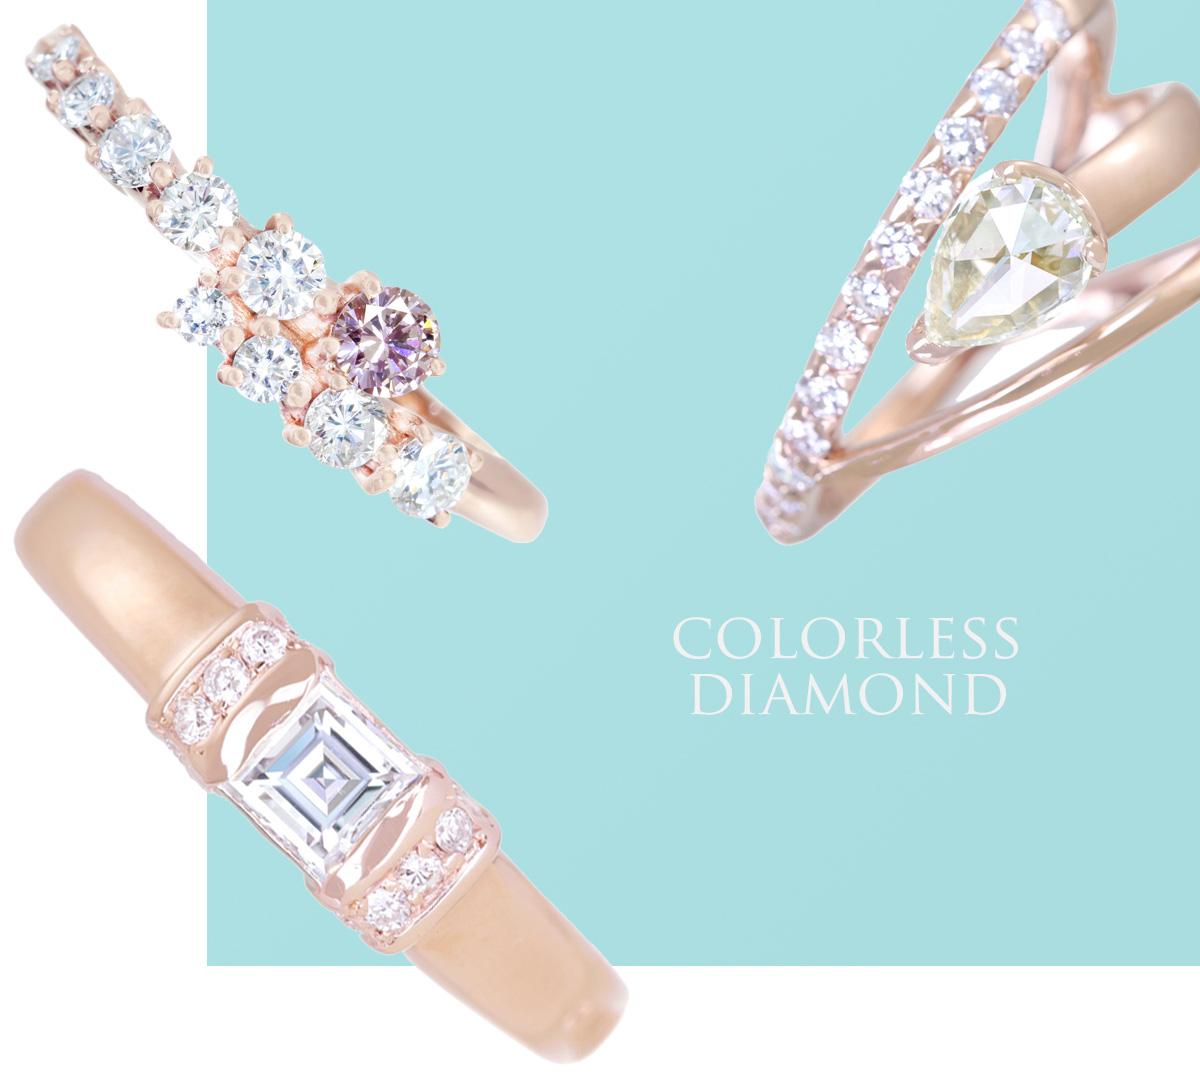 カラーレスダイヤモンド